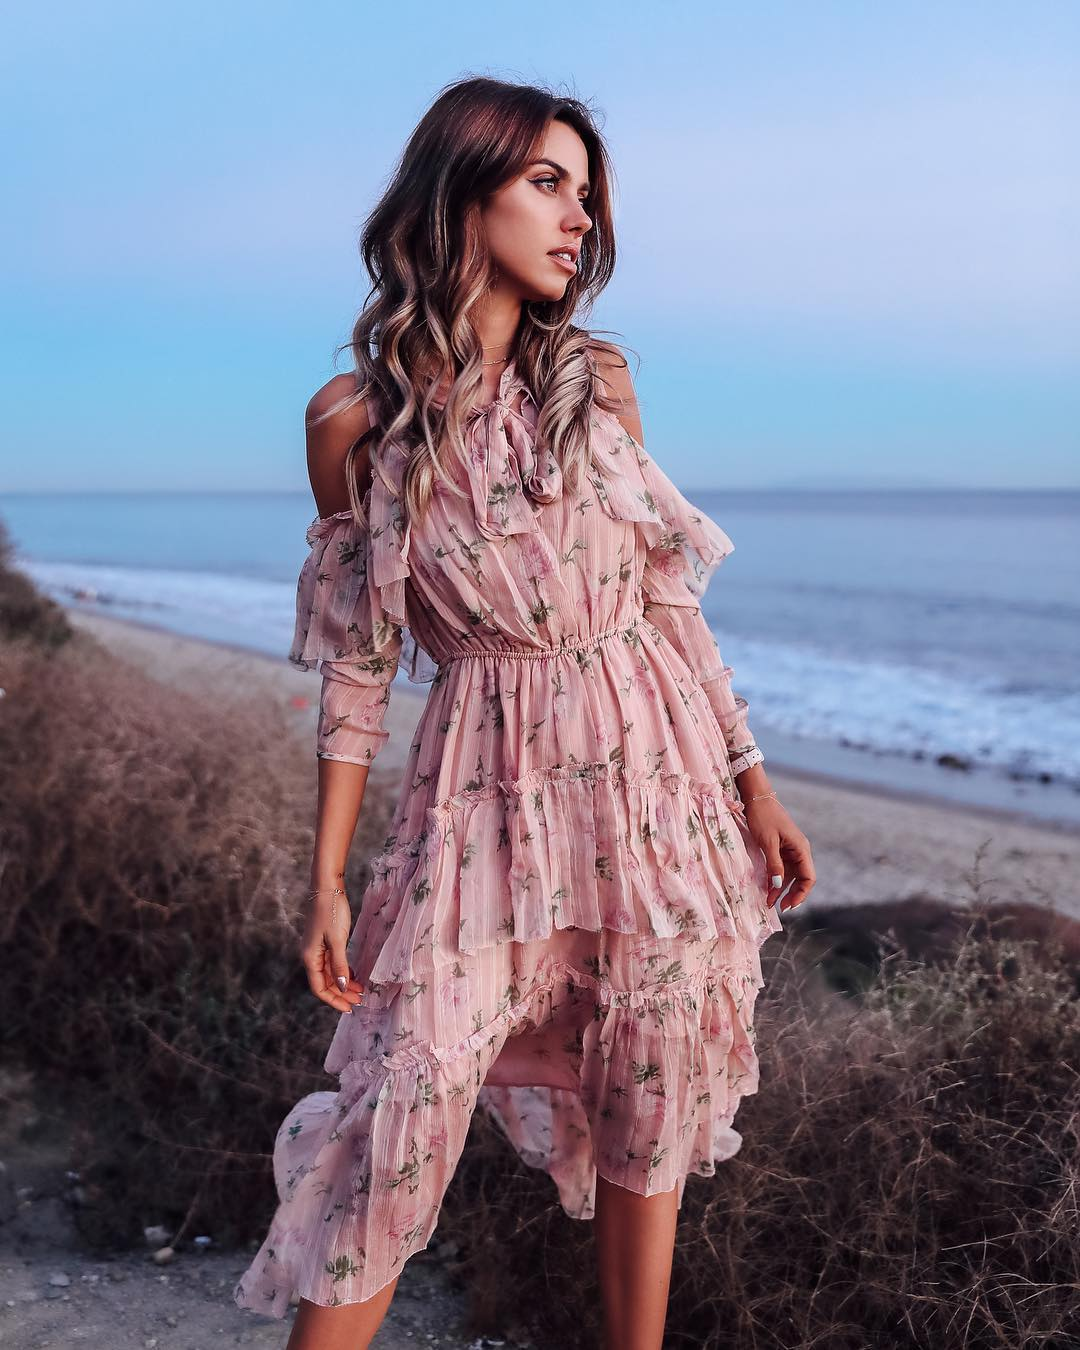 Модная новинка летнего сезона 2019 - 10 нежнейших образов в пудровых оттенках мода,модный обзор,Наряды,образ,Платья,тренды